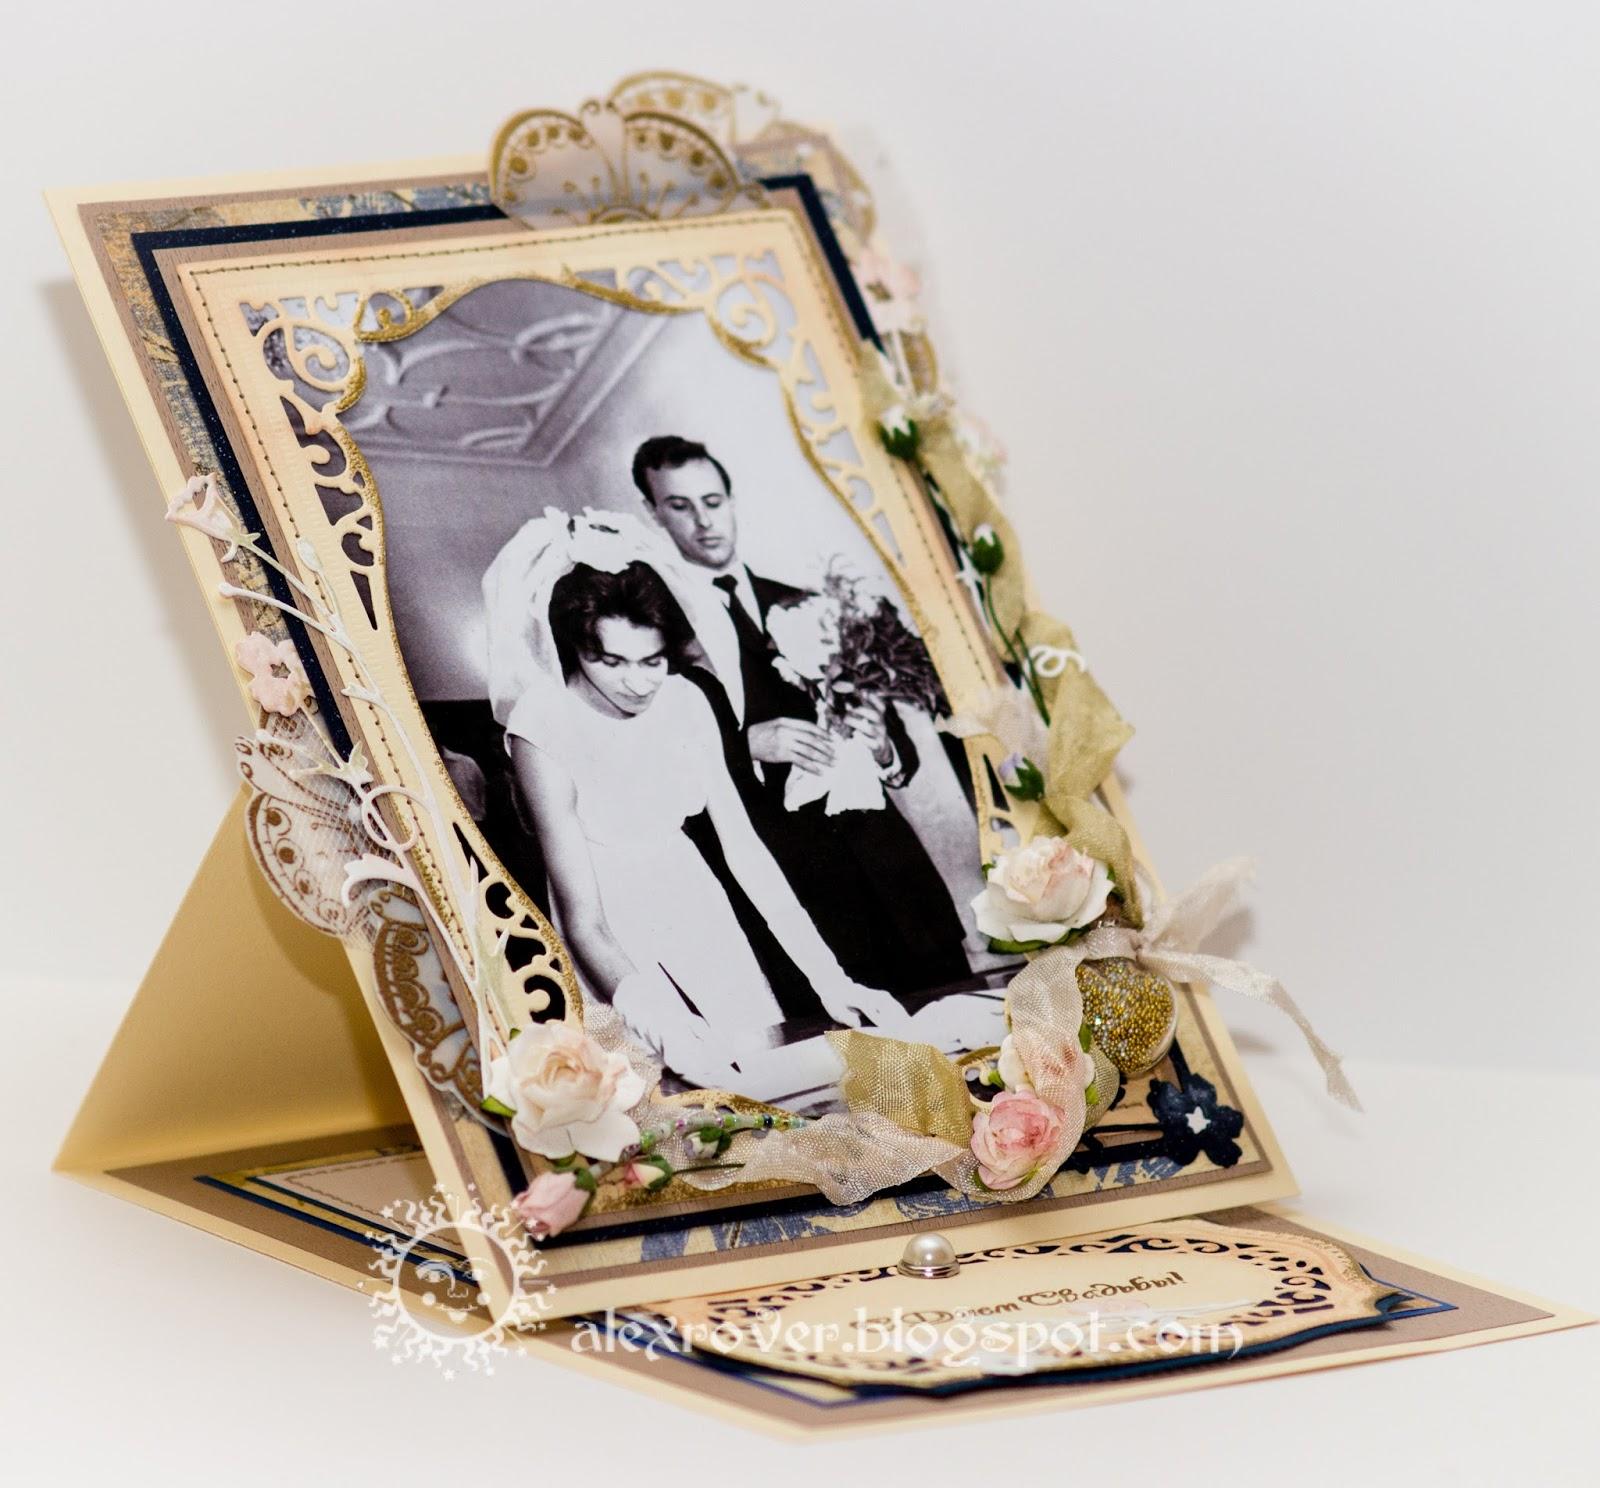 Подарок женщине на 60 лет фото